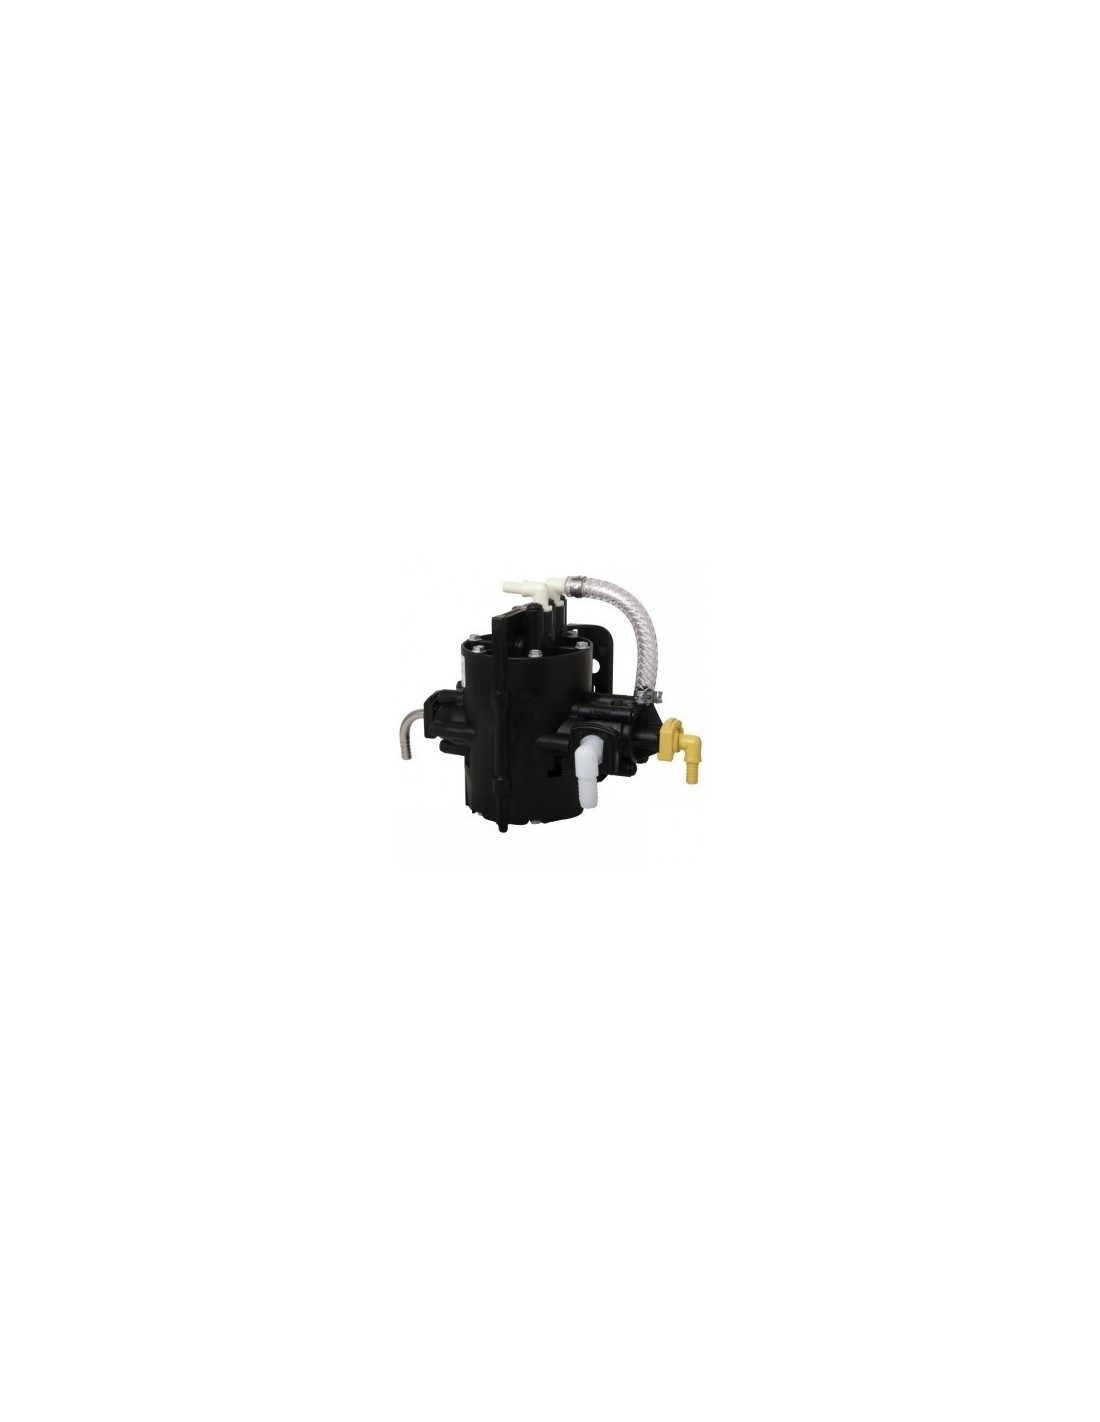 PUC02041 - Tillbehör - Shurflo pneumatisk vinpump